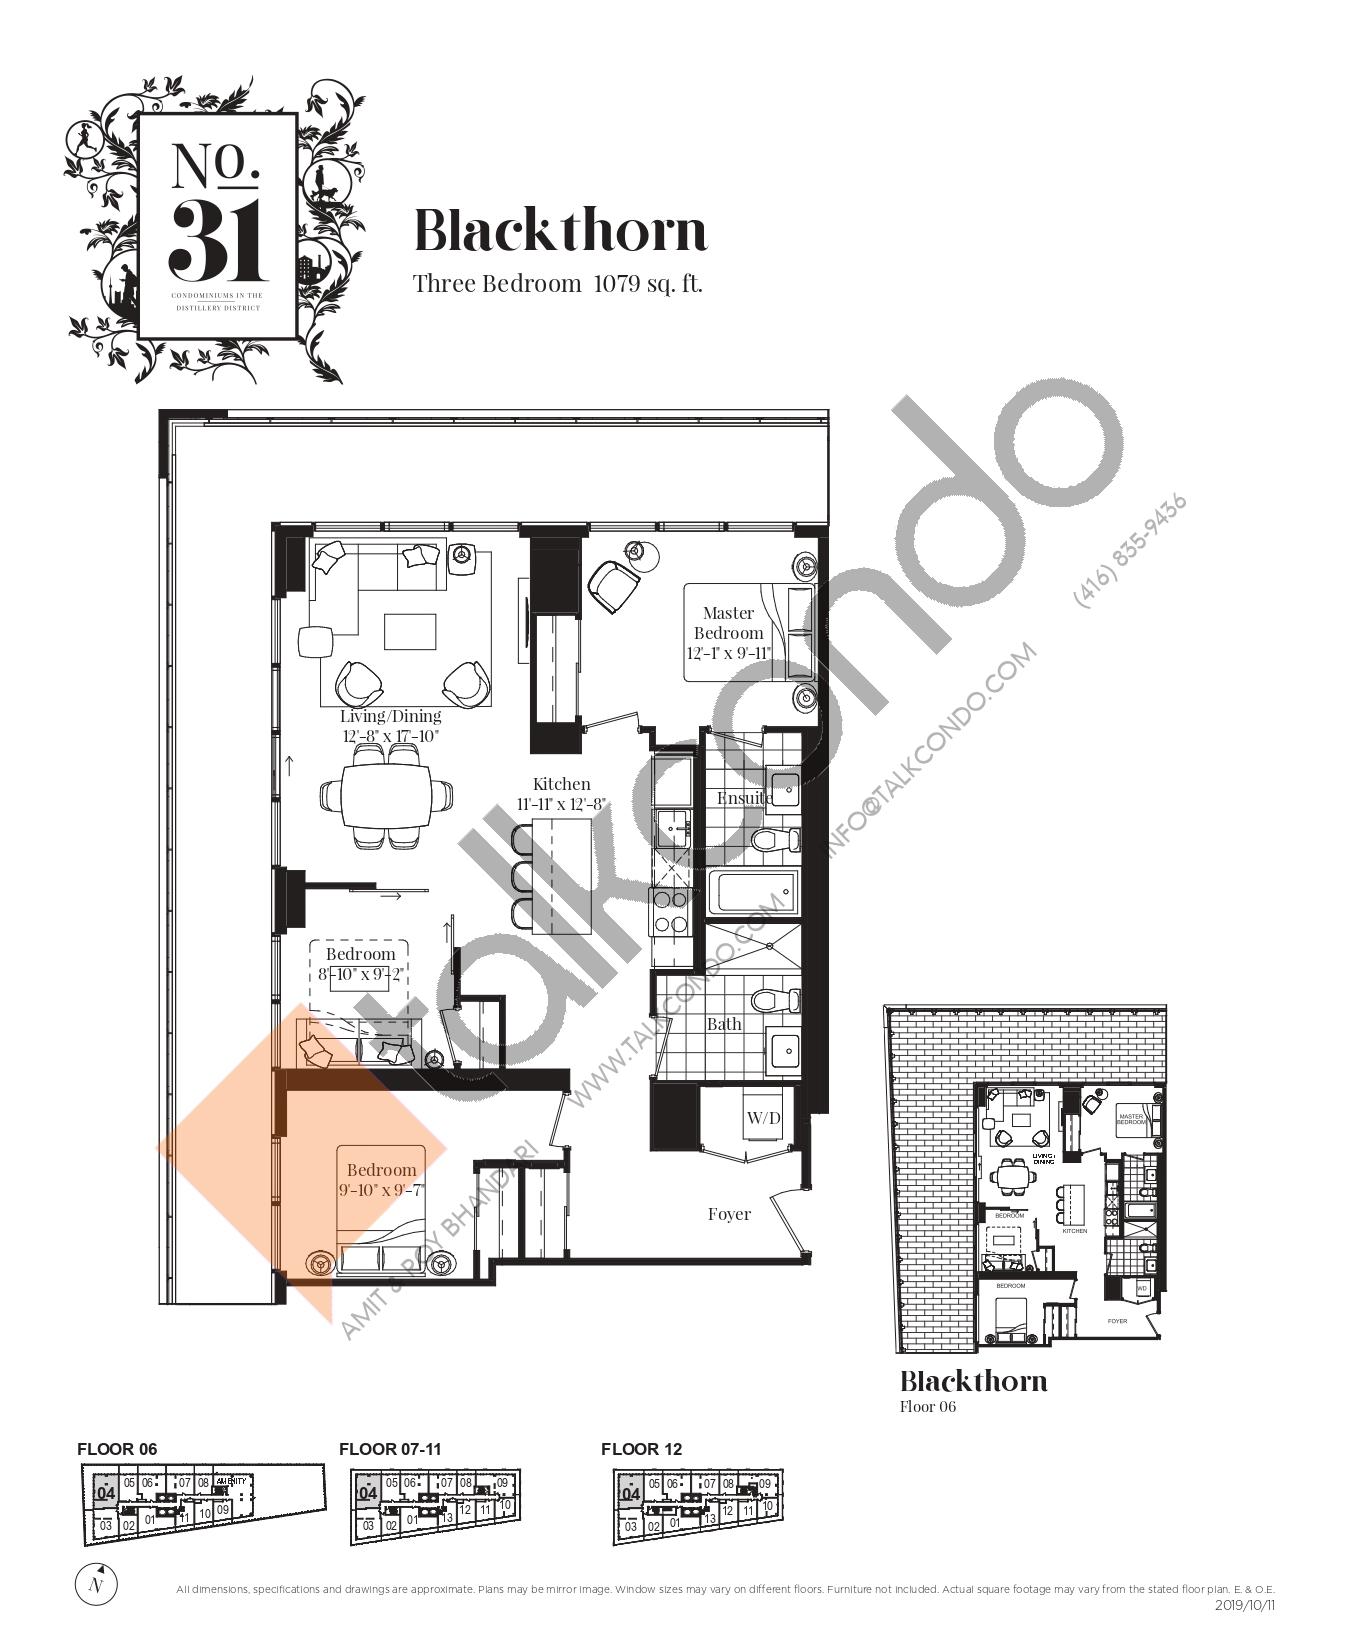 Blackthorn Floor Plan at No. 31 Condos - 1079 sq.ft